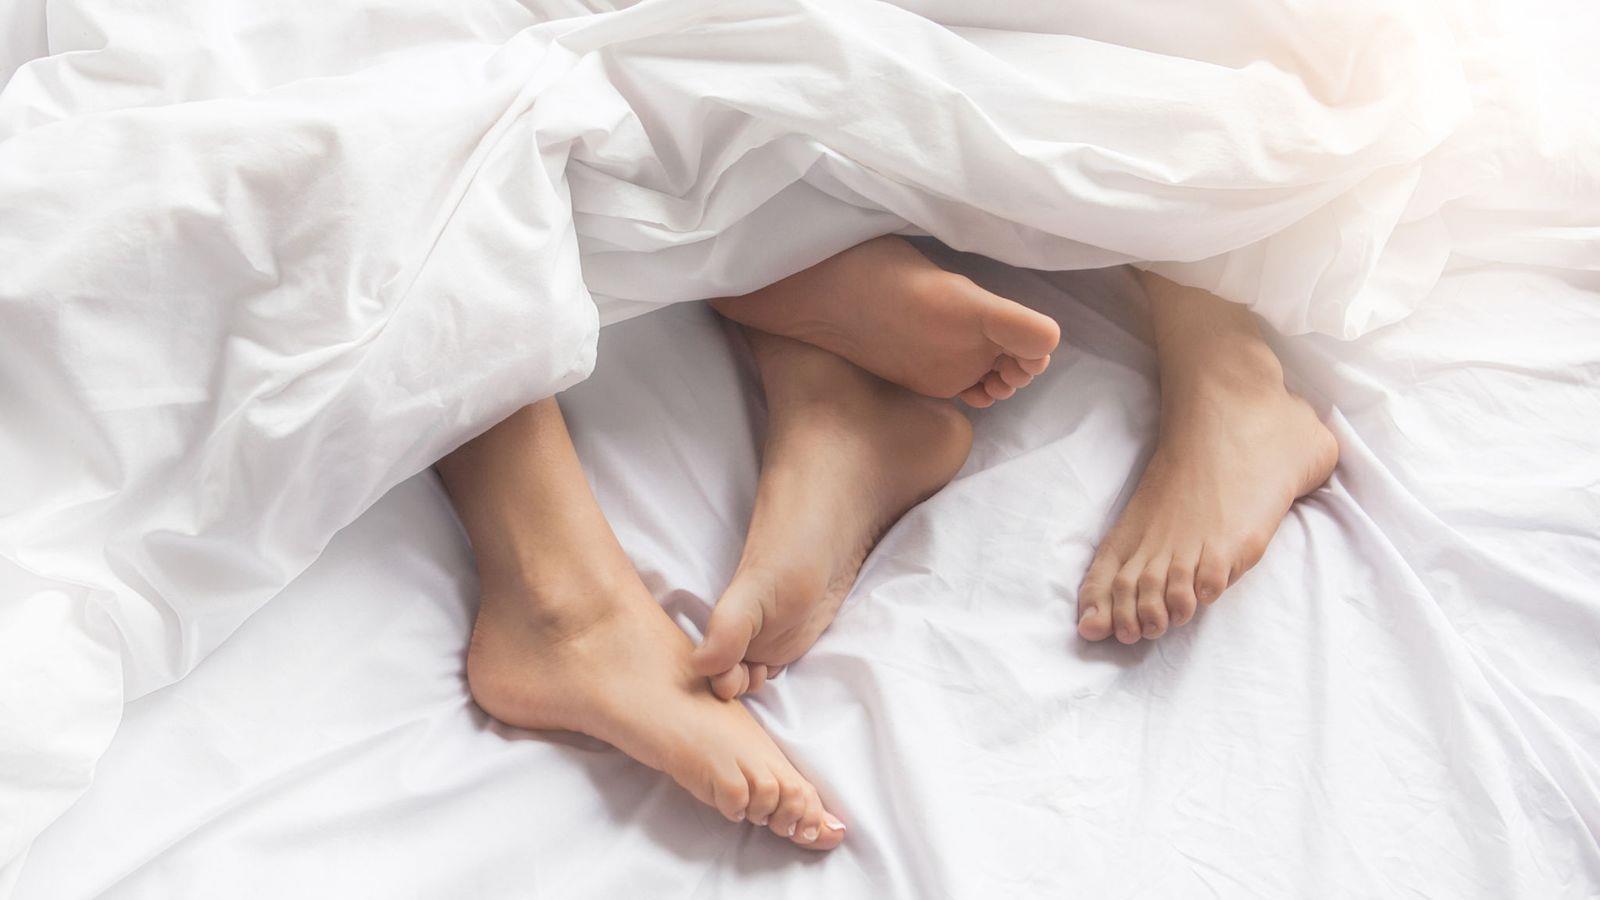 1/4 thanh niên Nhật Bản chưa từng quan hệ tình dục khác giới Ảnh 1